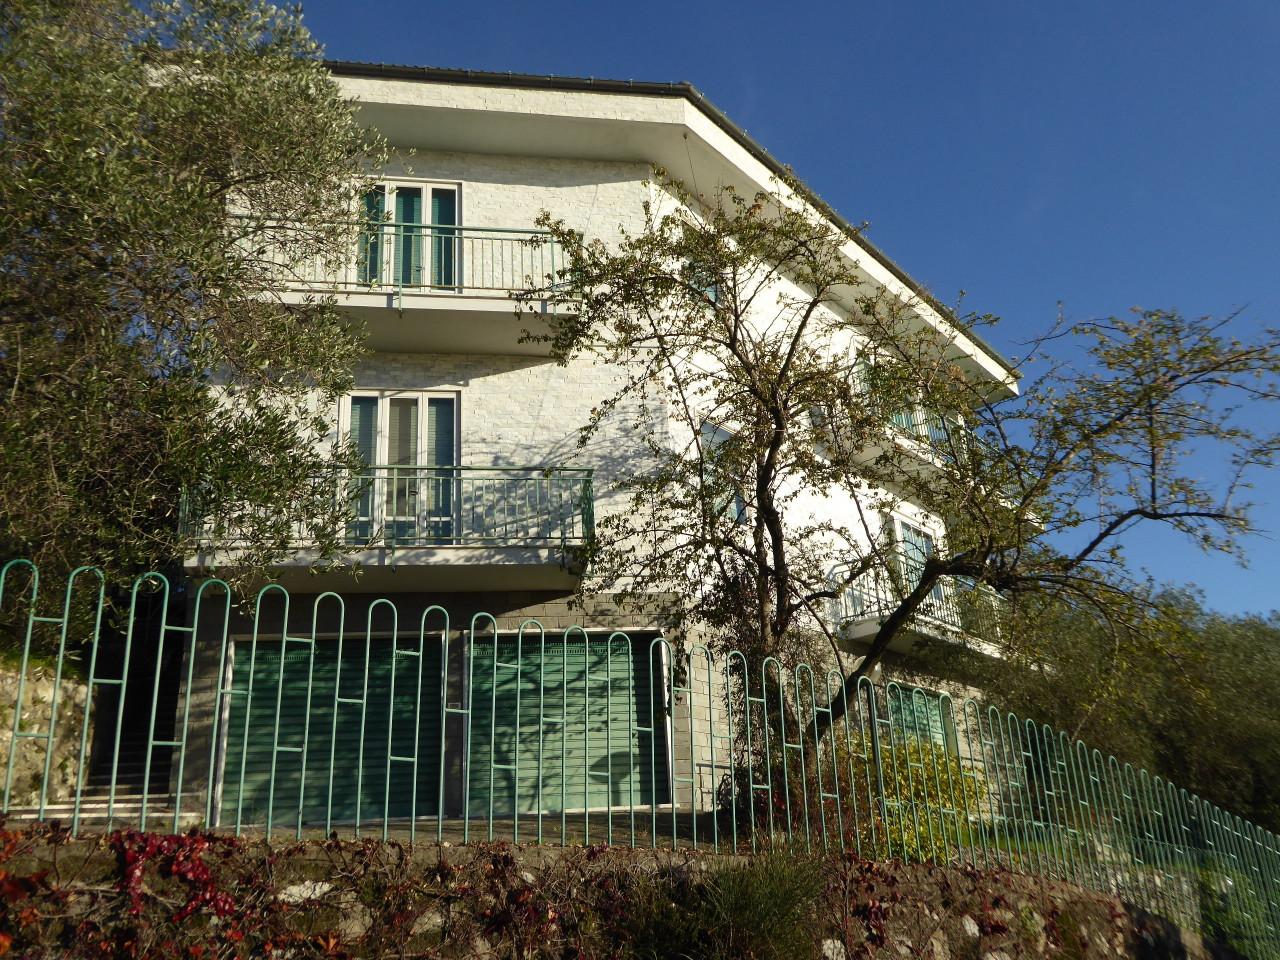 Soluzione Indipendente in vendita a Chiavari, 13 locali, prezzo € 700.000 | CambioCasa.it